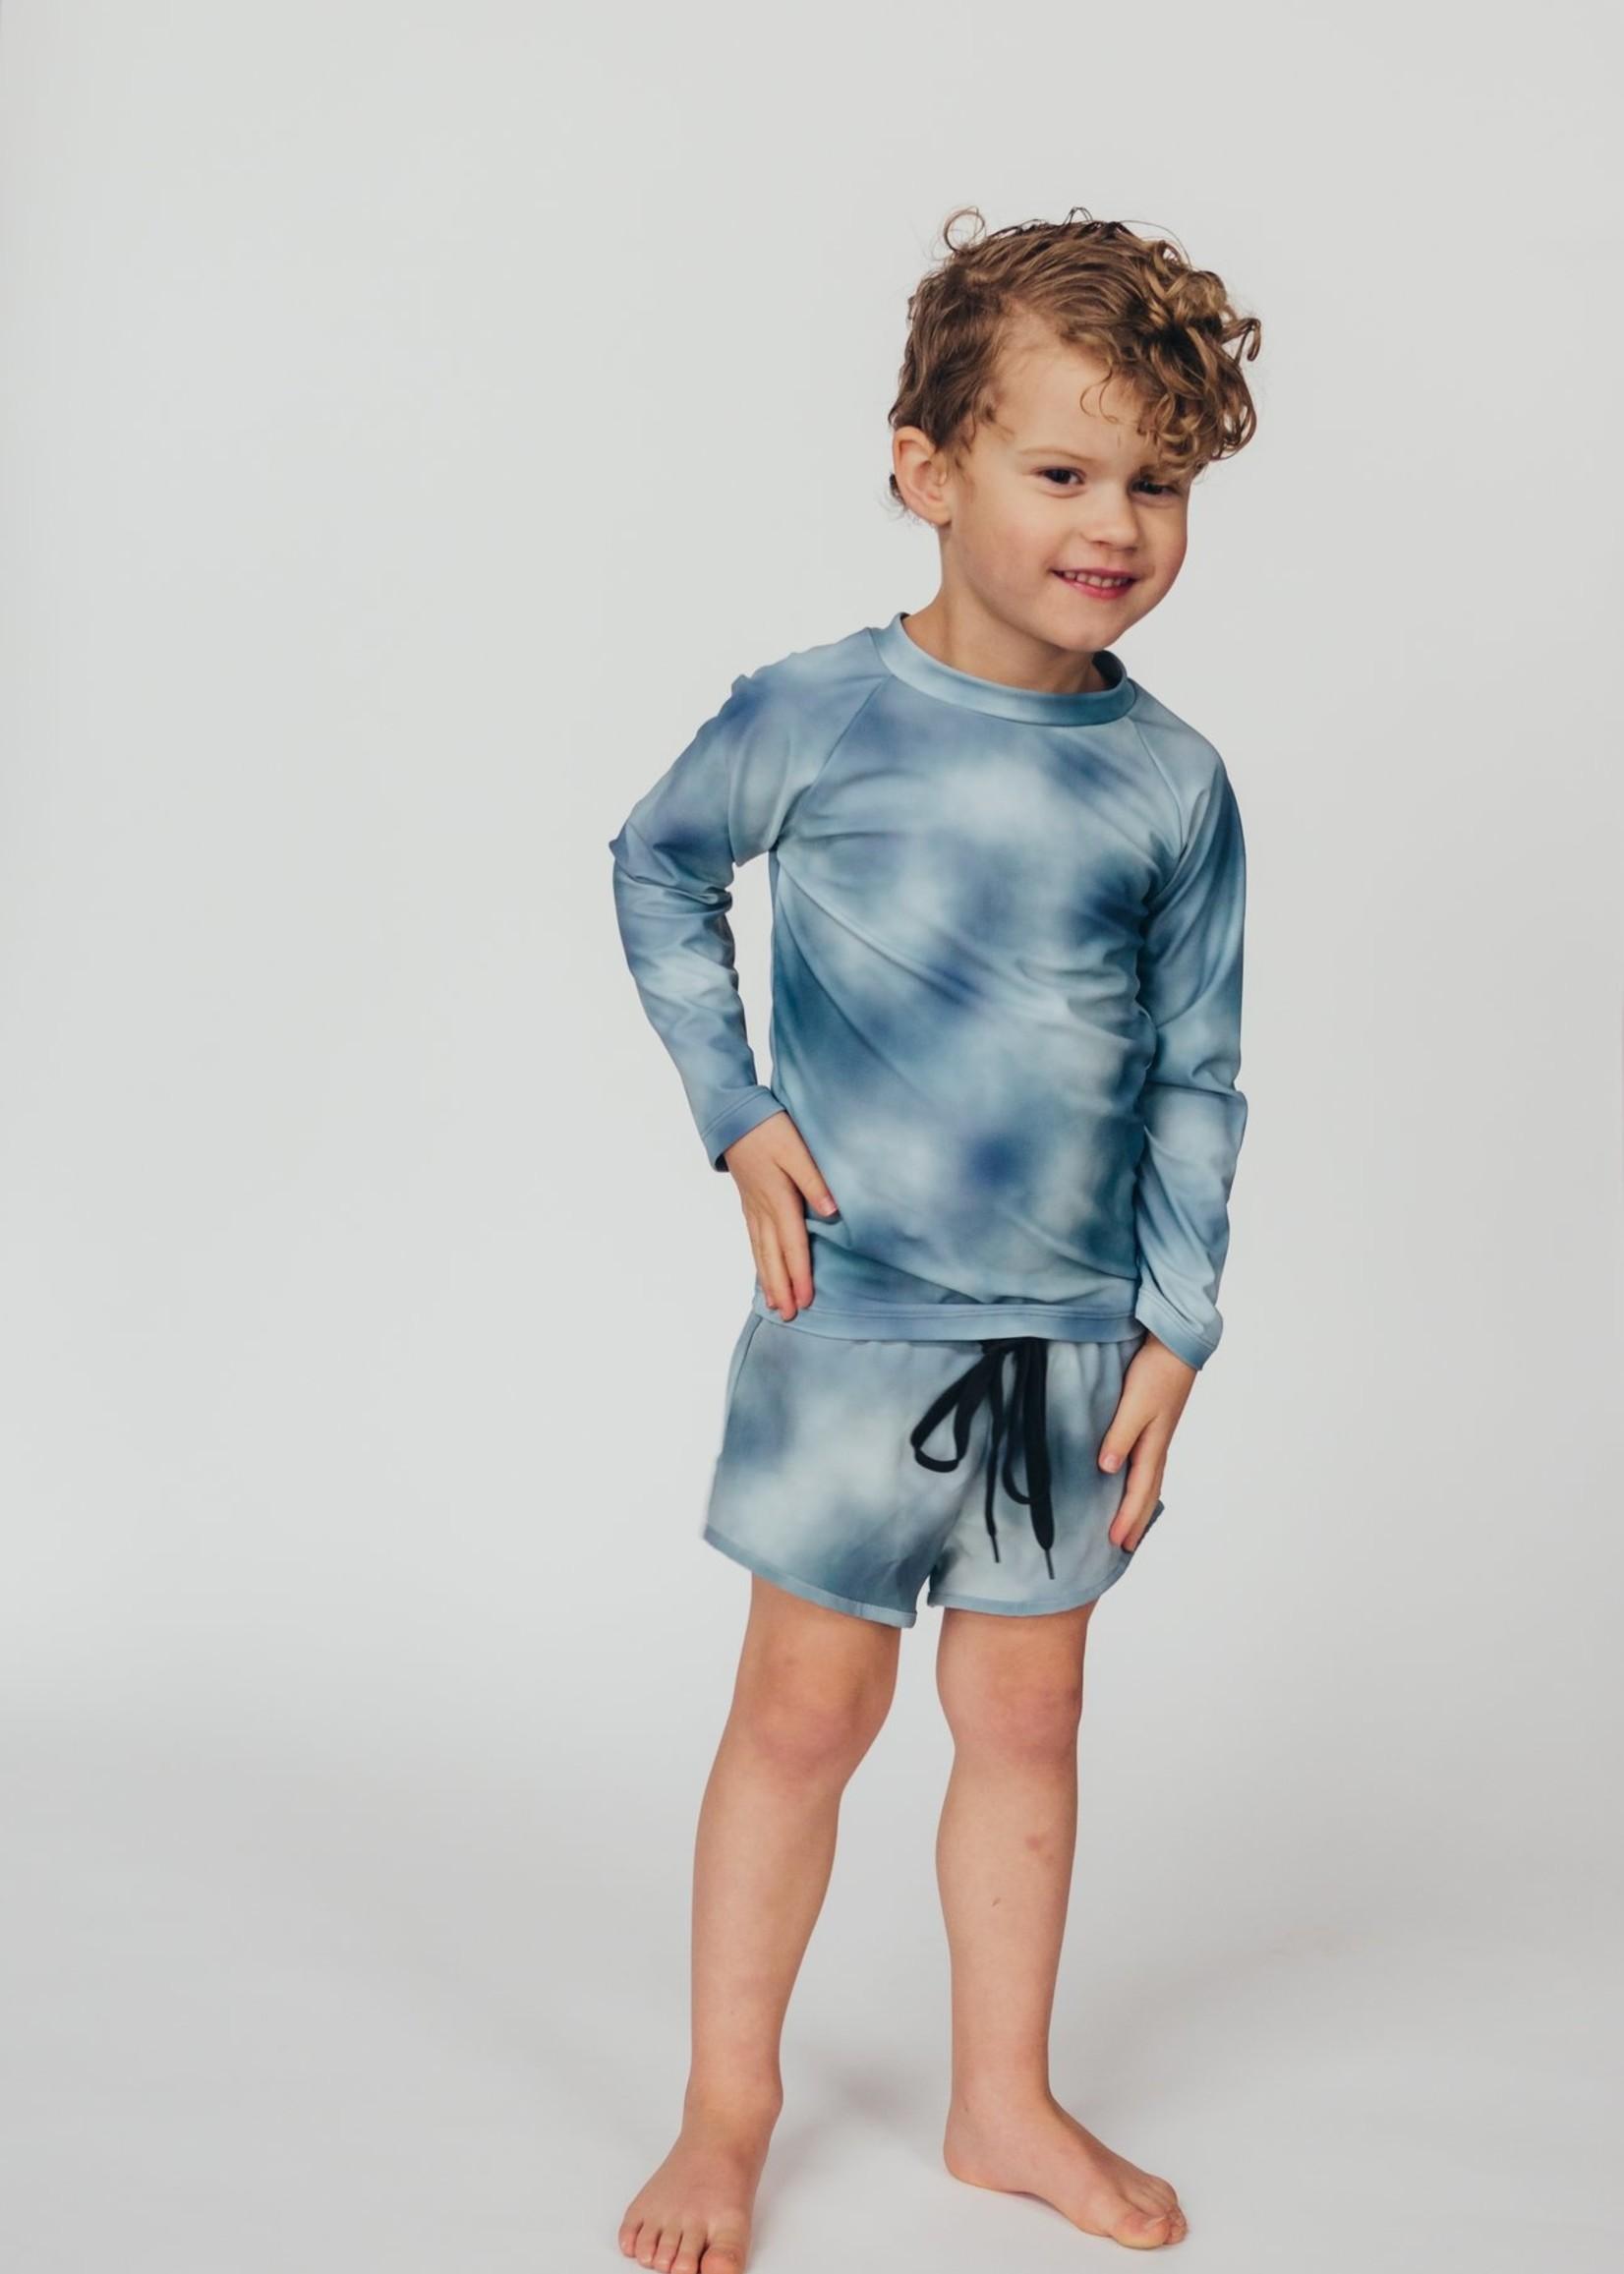 Current Tyed Clothing Long Sleeve Rashguard